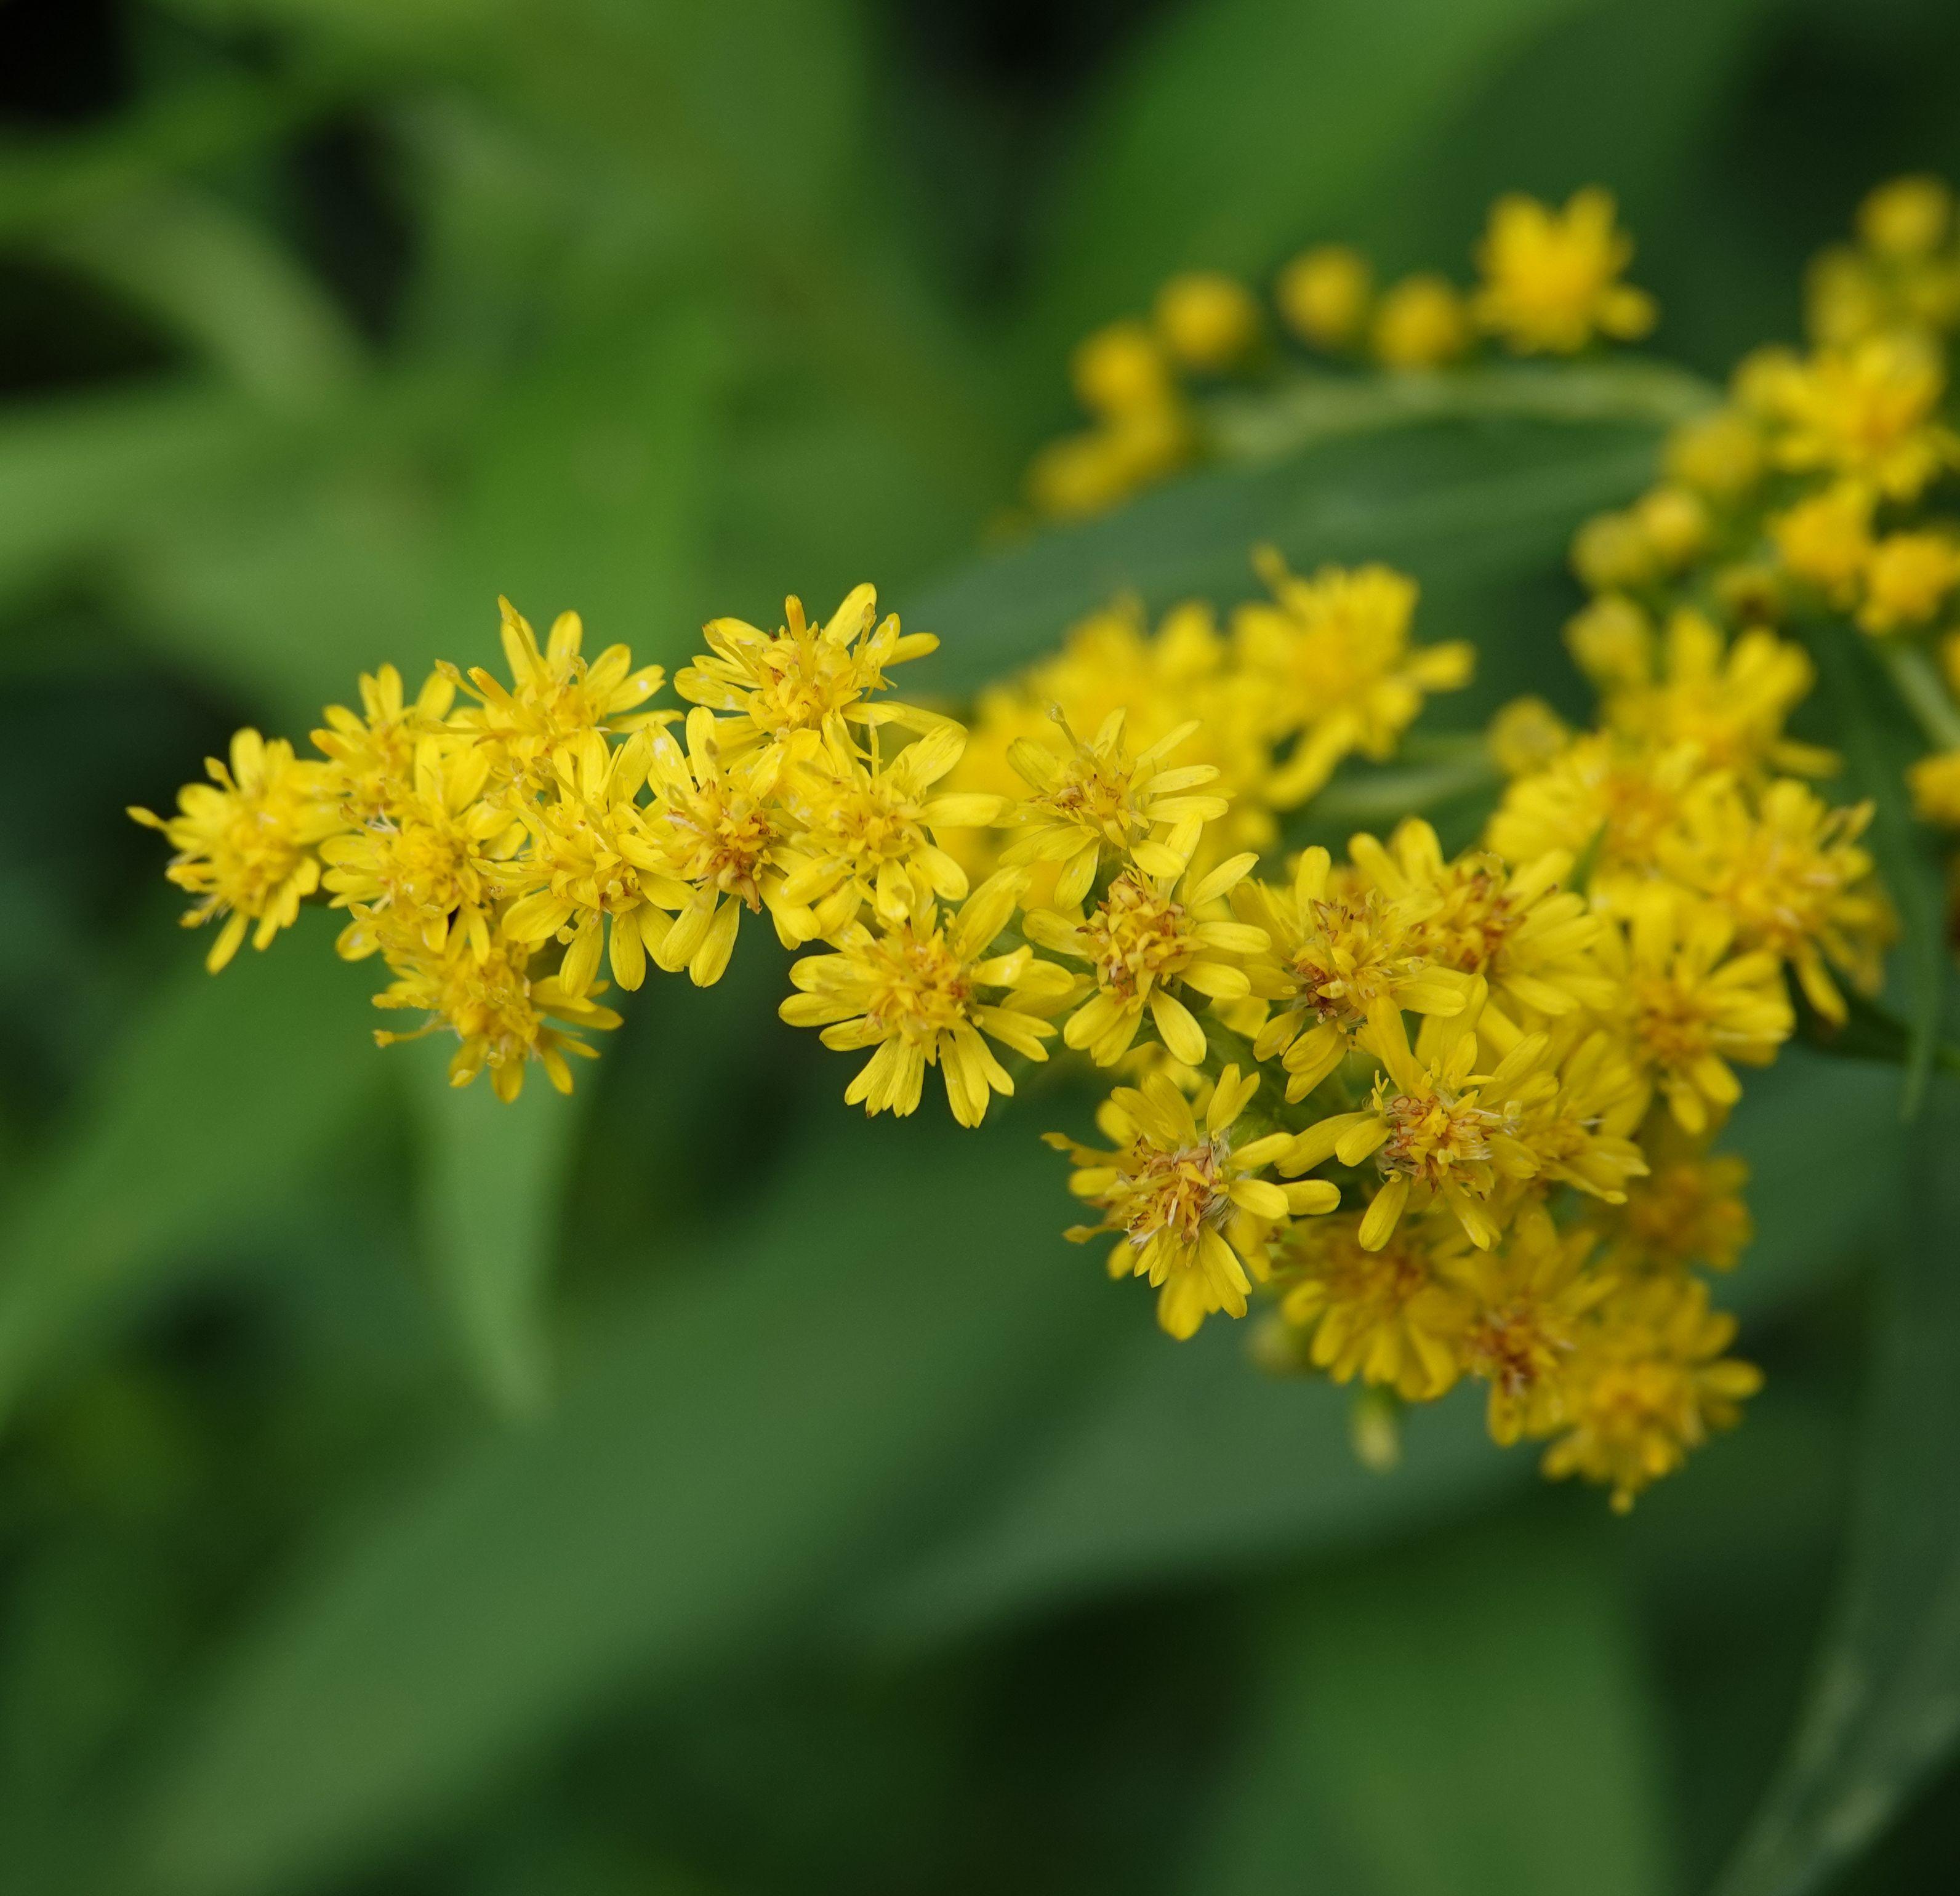 Pin By Michael Meyer On Goldenrod Flower Goldenrod Flower Plants Garden